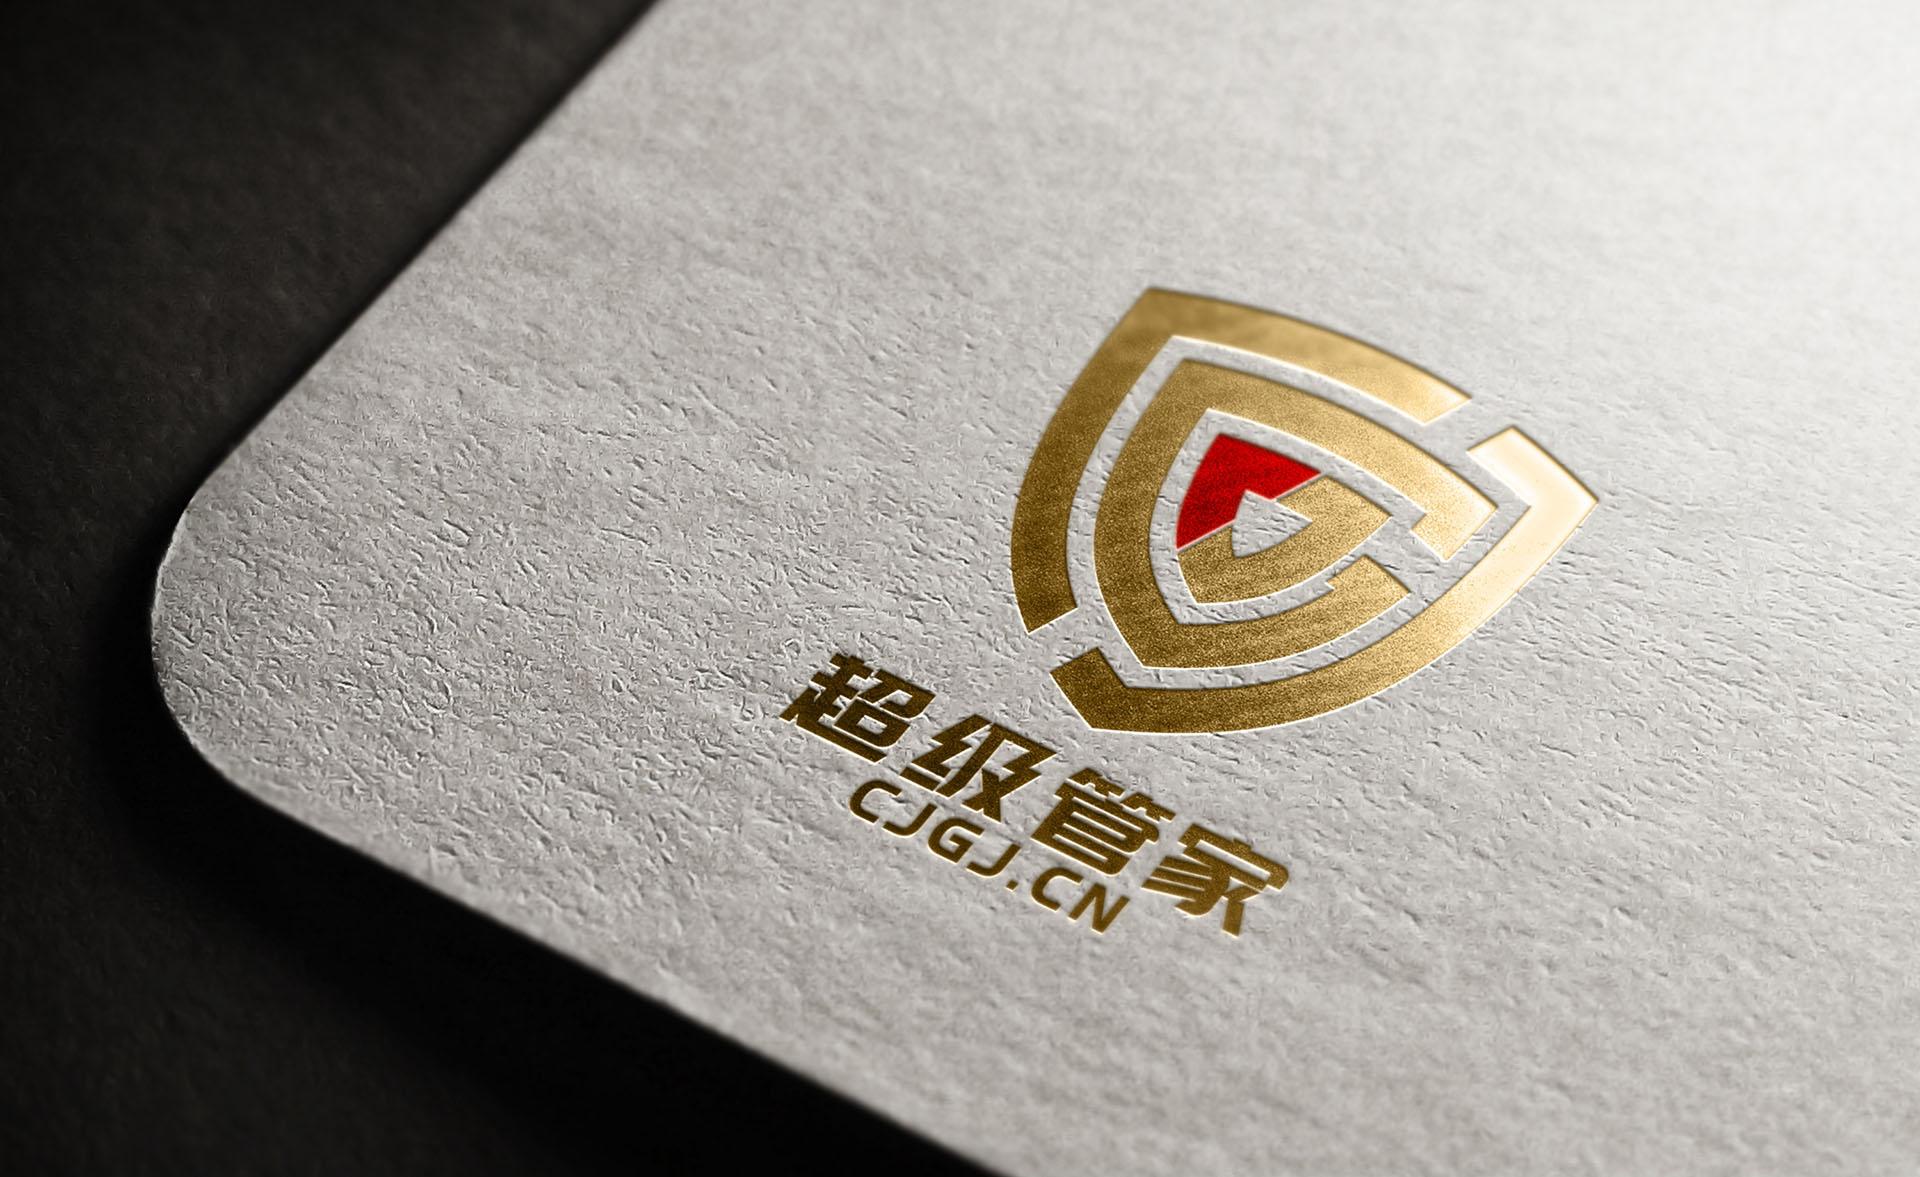 贴心服务首选——超级管家 CJGJ.cn